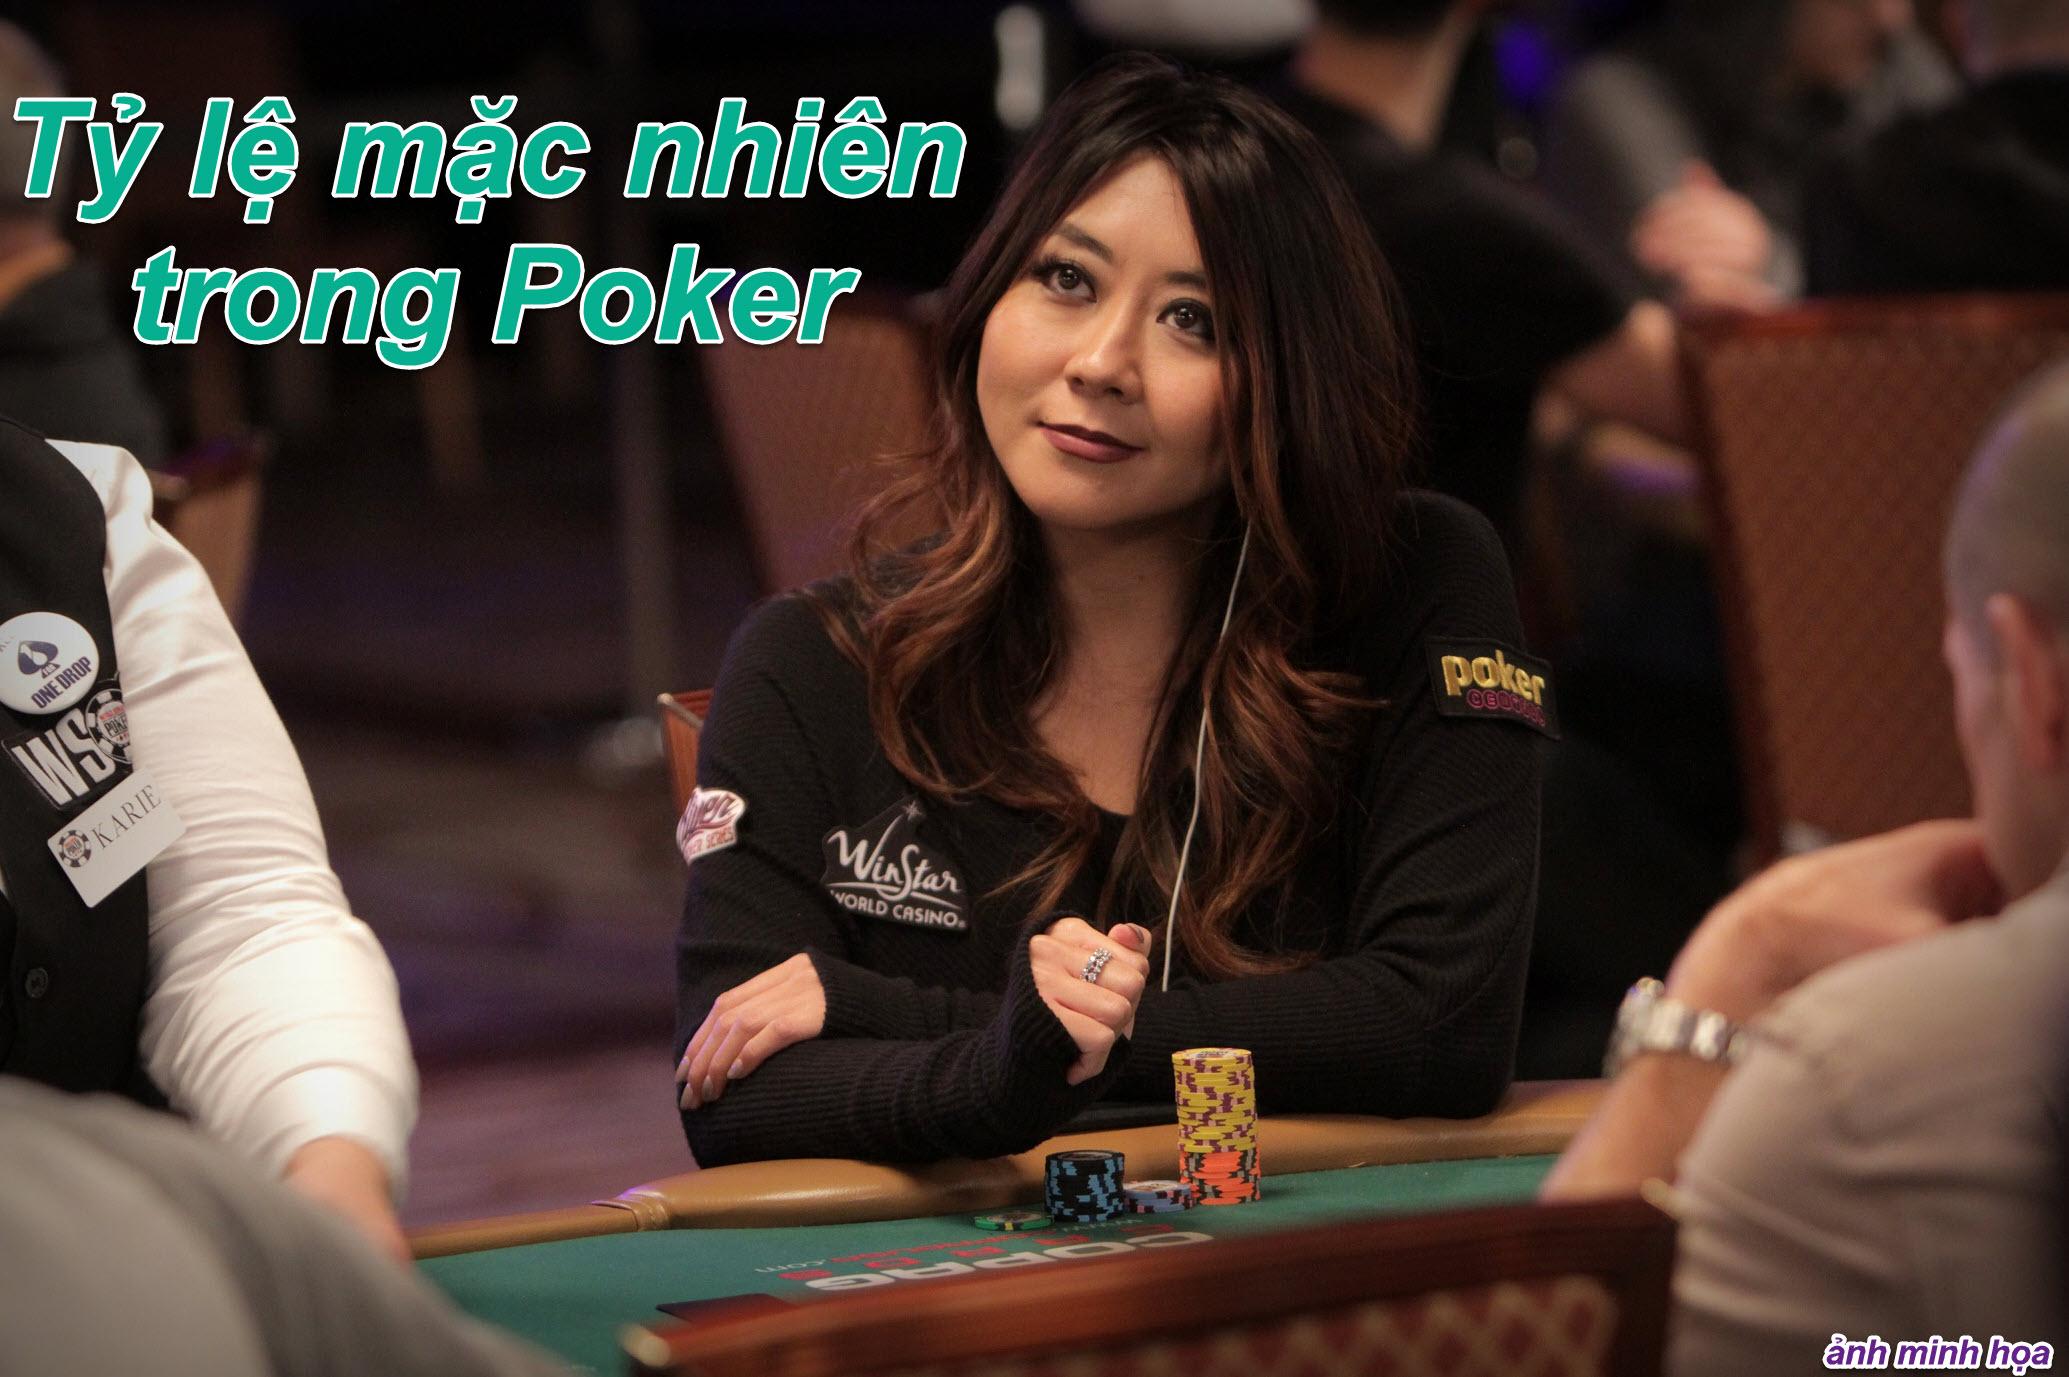 ty le mac nhien trong Poker 01 ver 01.jpg